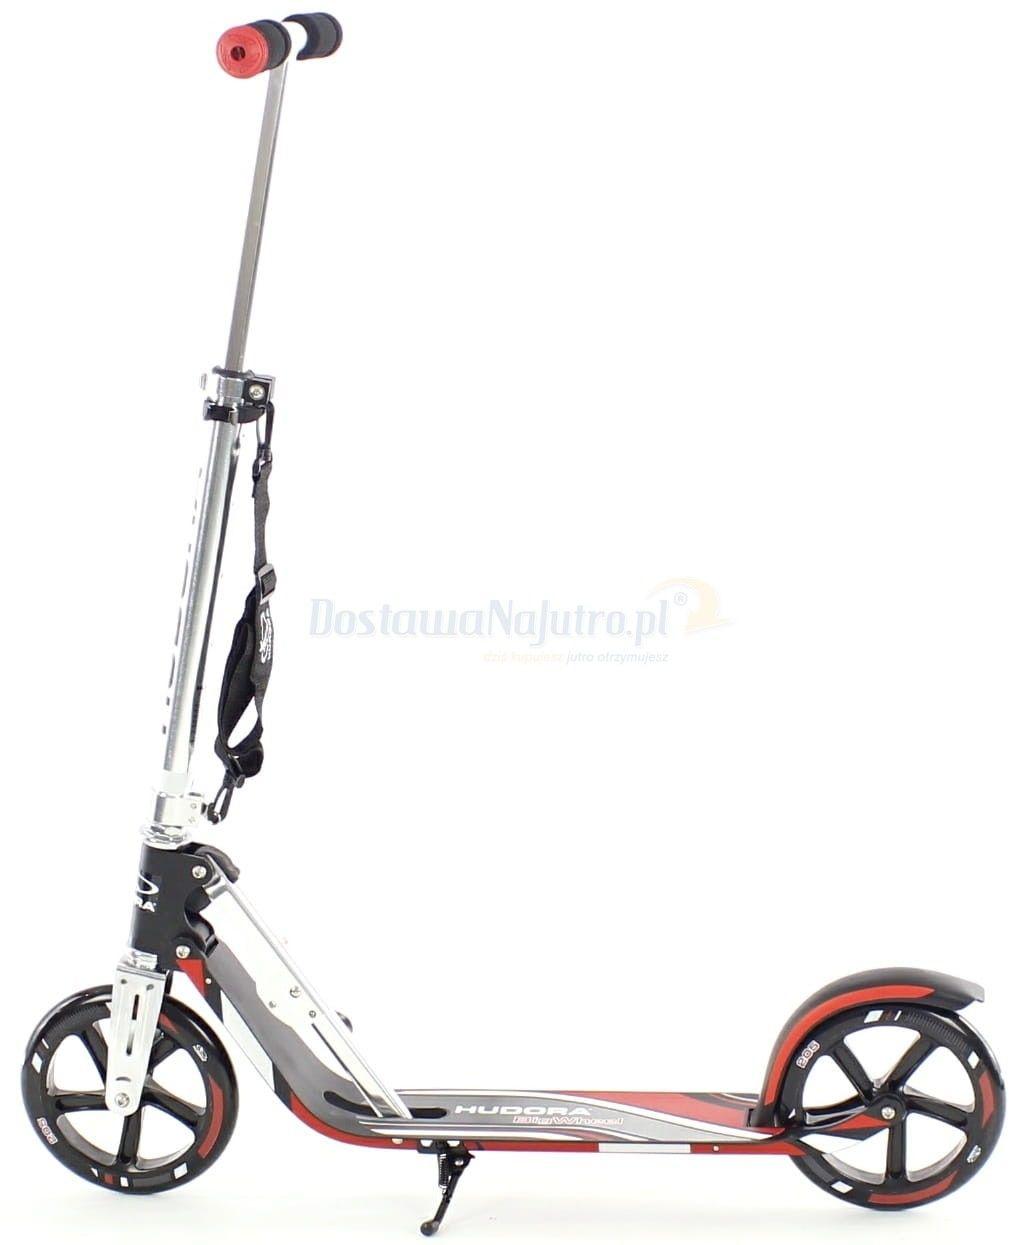 Hulajnoga HUDORA Big Wheel RX 205 czerwono-czarna 100kg XXL SKŁADANA